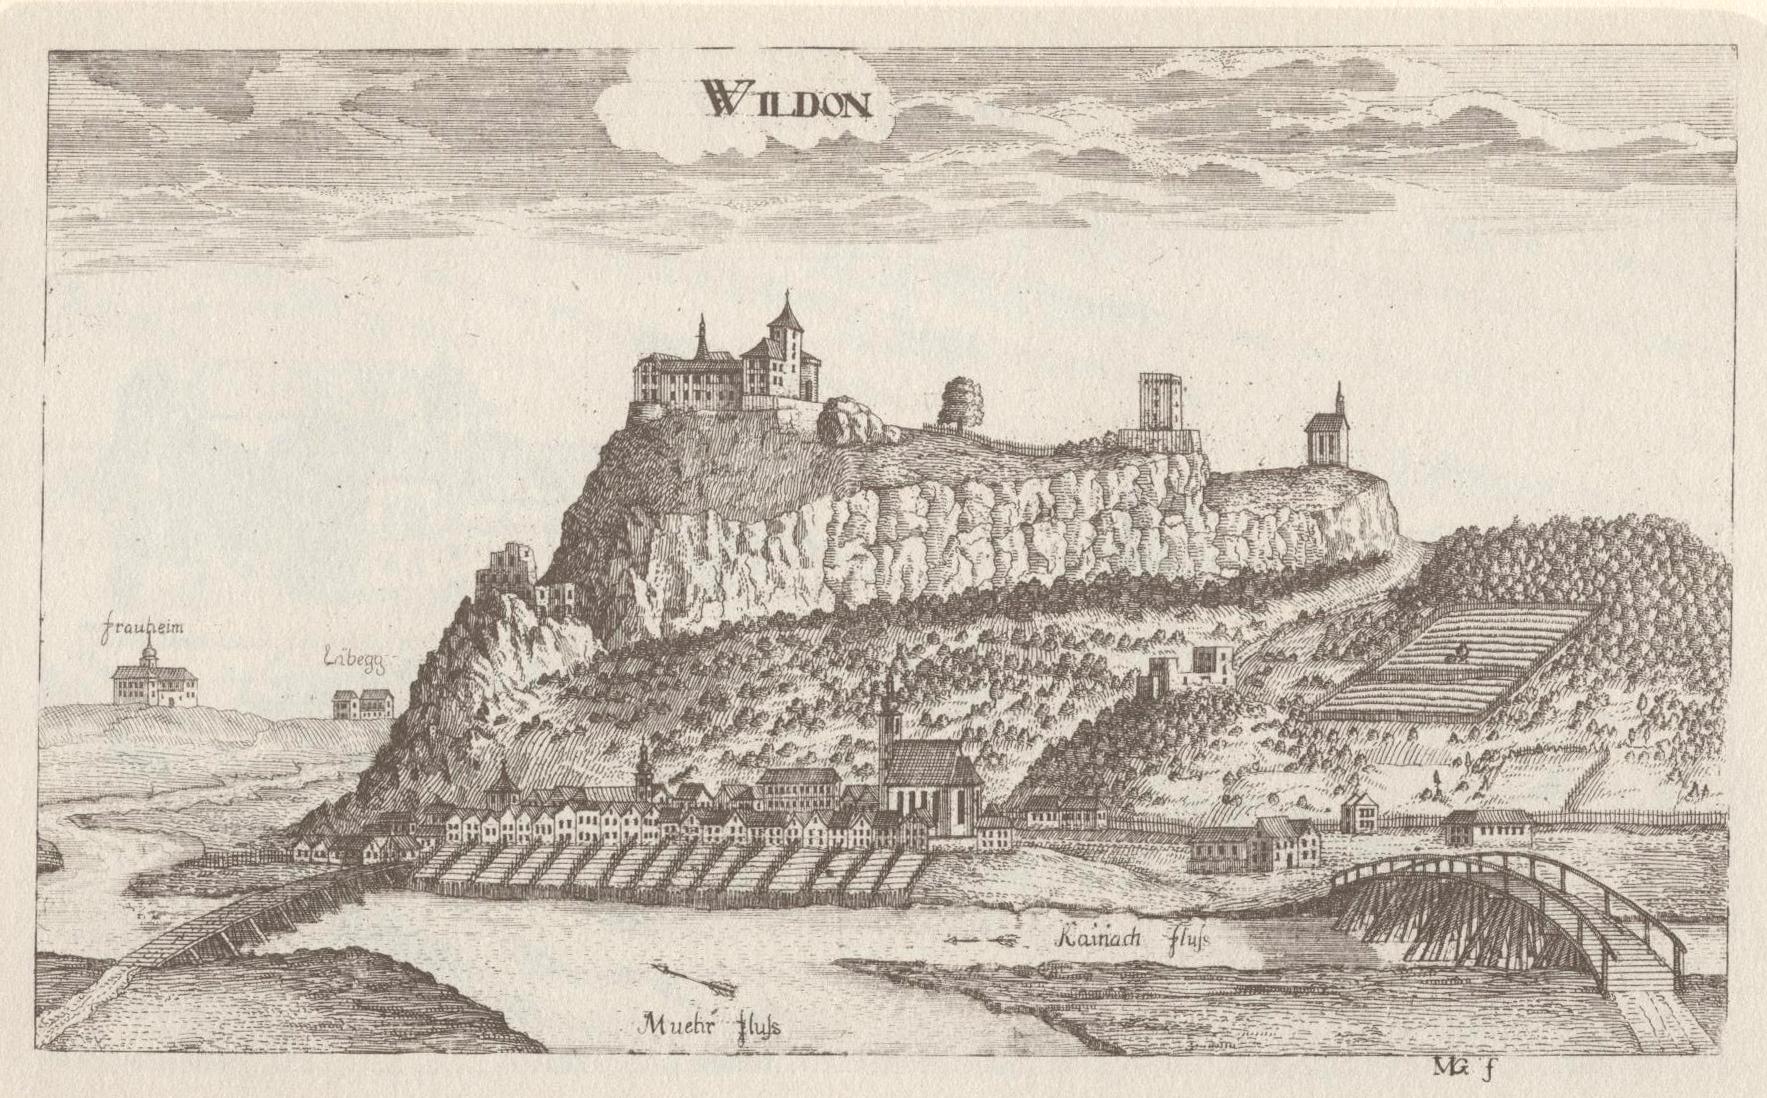 wildon burgruine  steiermark  burgen und schlösser  kunst und  - burg wildon  foto vischers topographia ducatus styriae